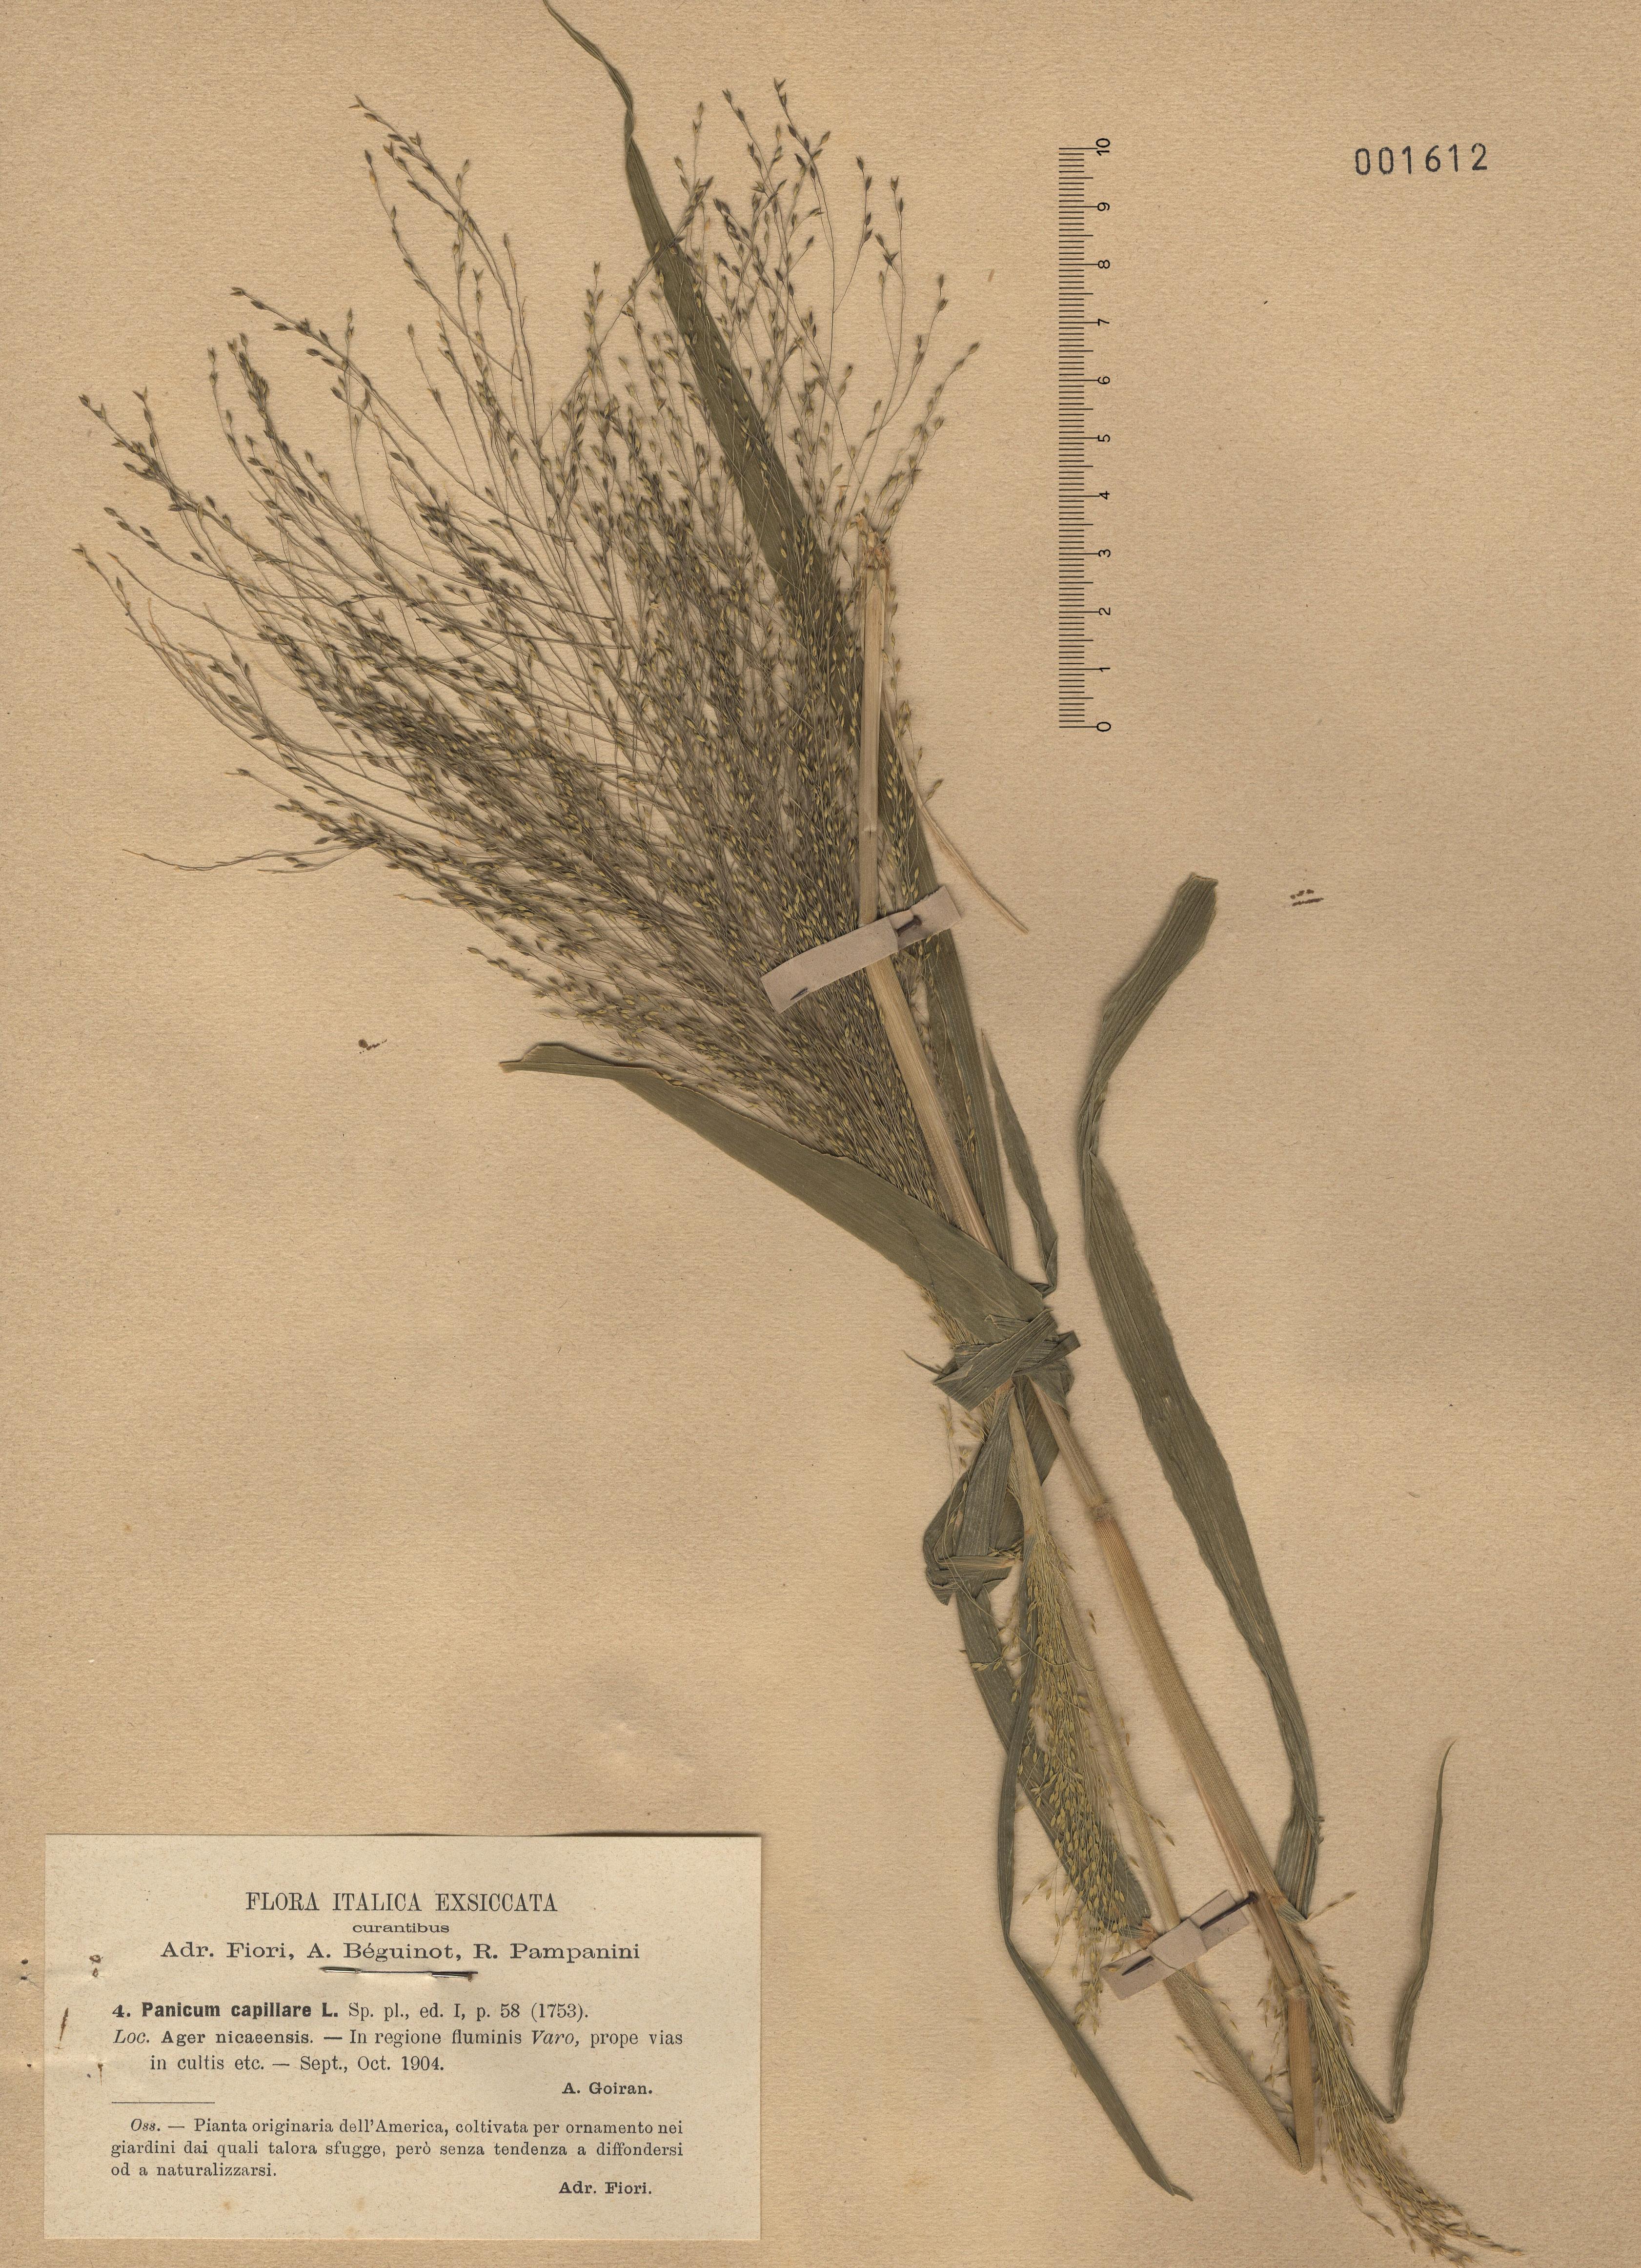 © Hortus Botanicus Catinensis - Herb. sheet 001612<br>